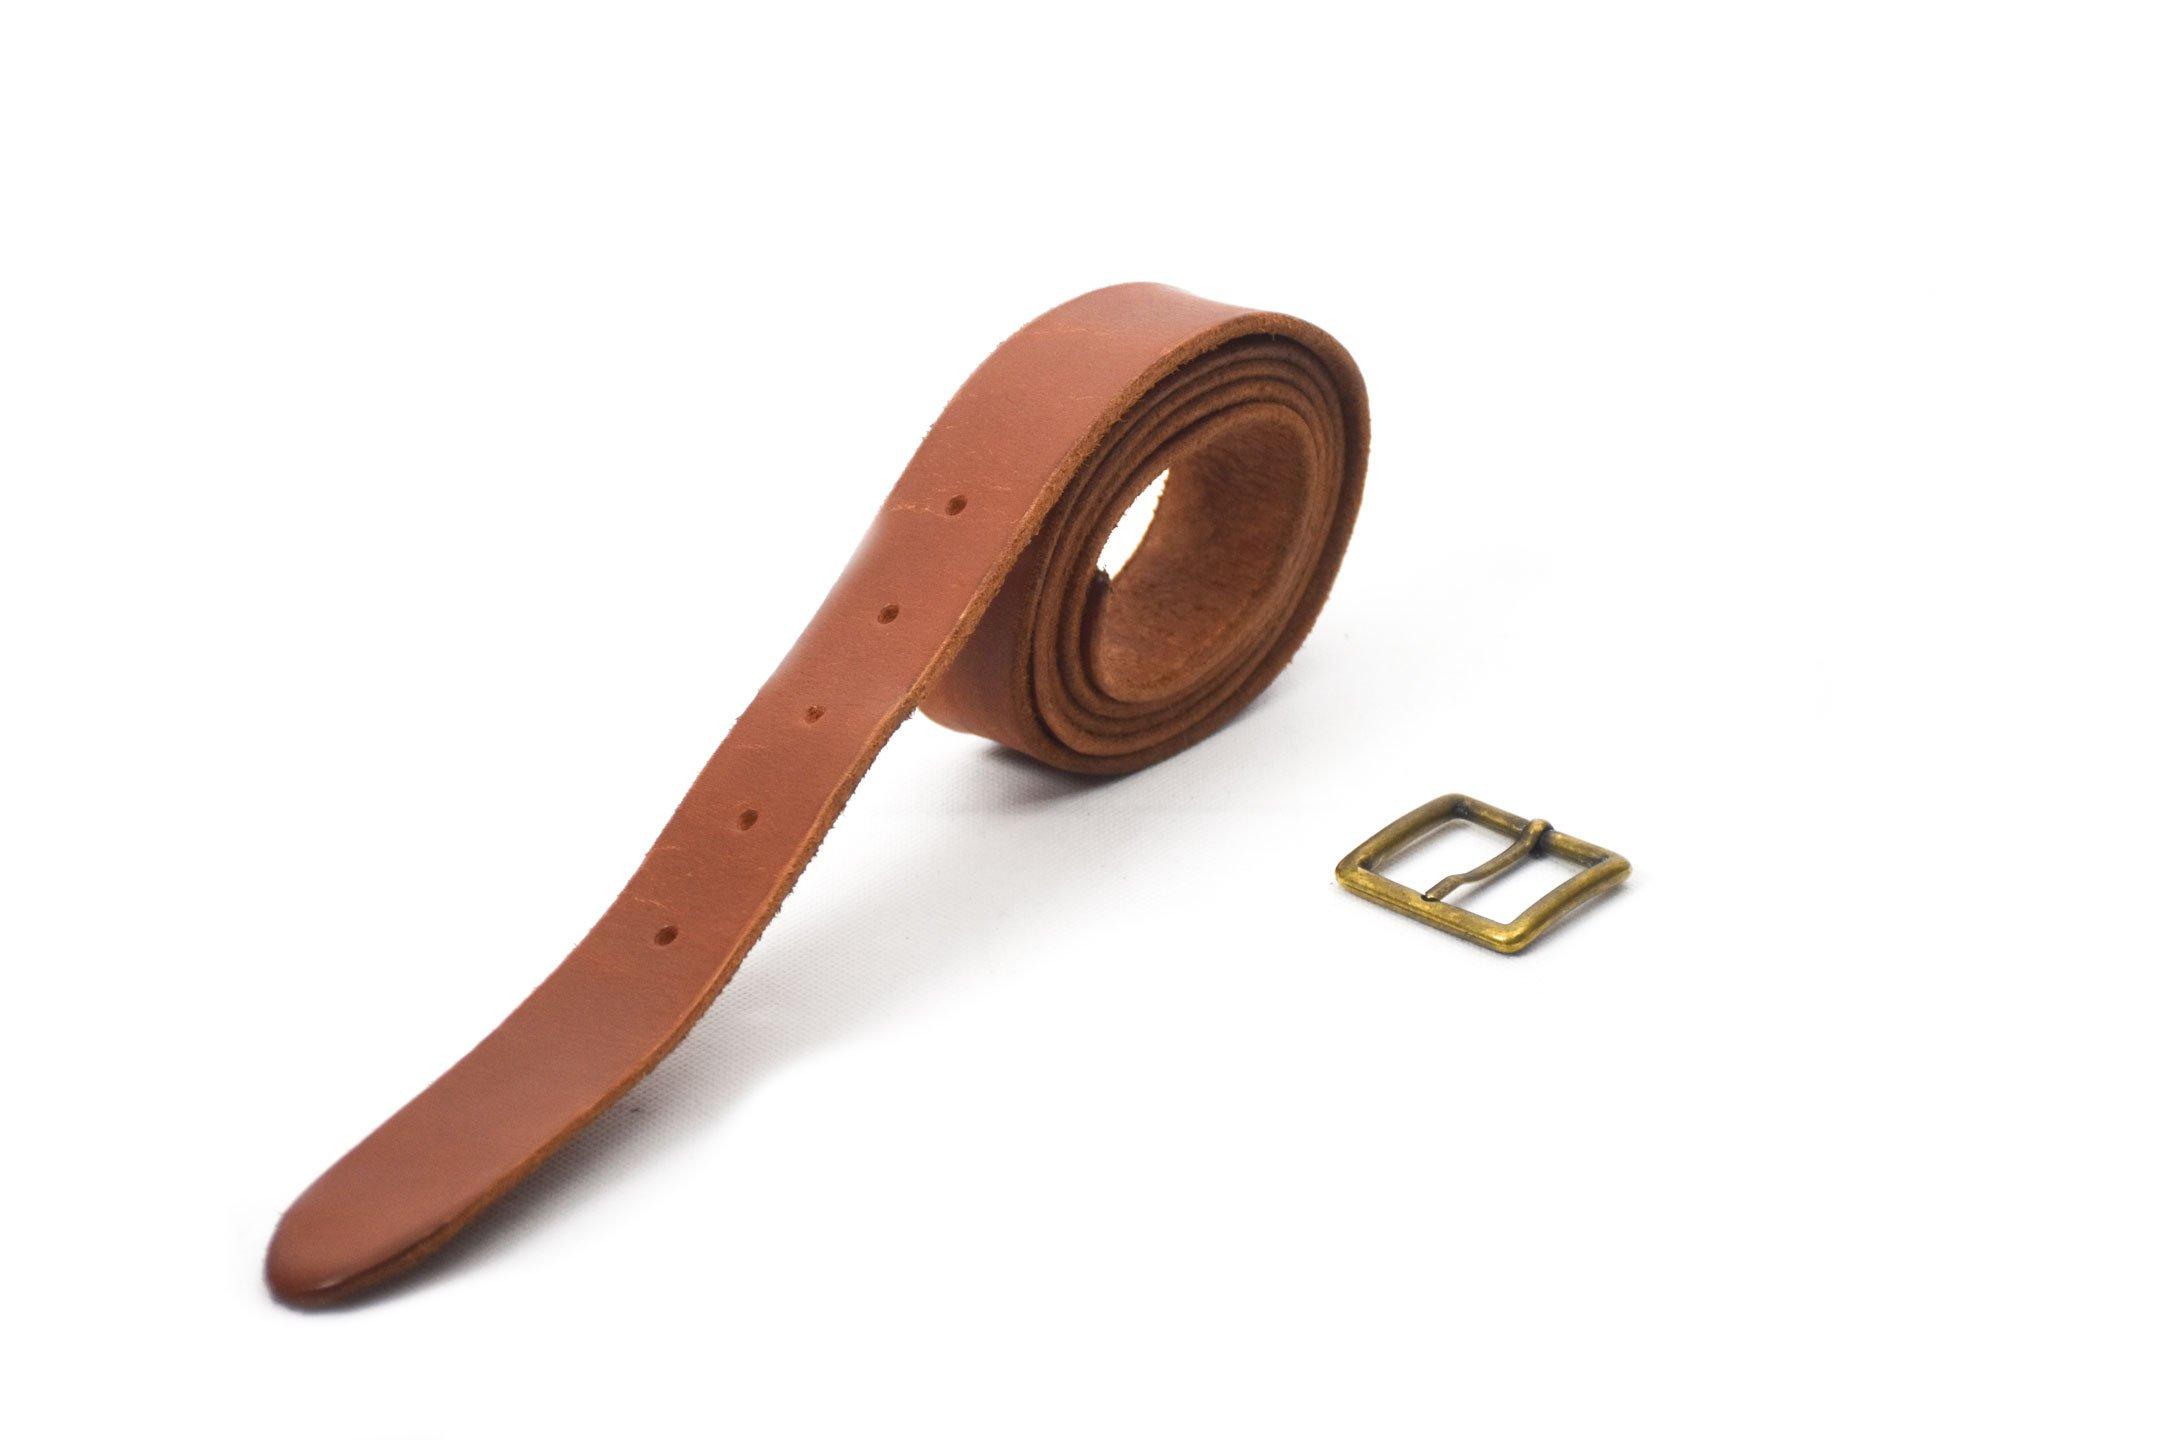 cinturón de piel marrón acabado rústico con hebilla oro viejo